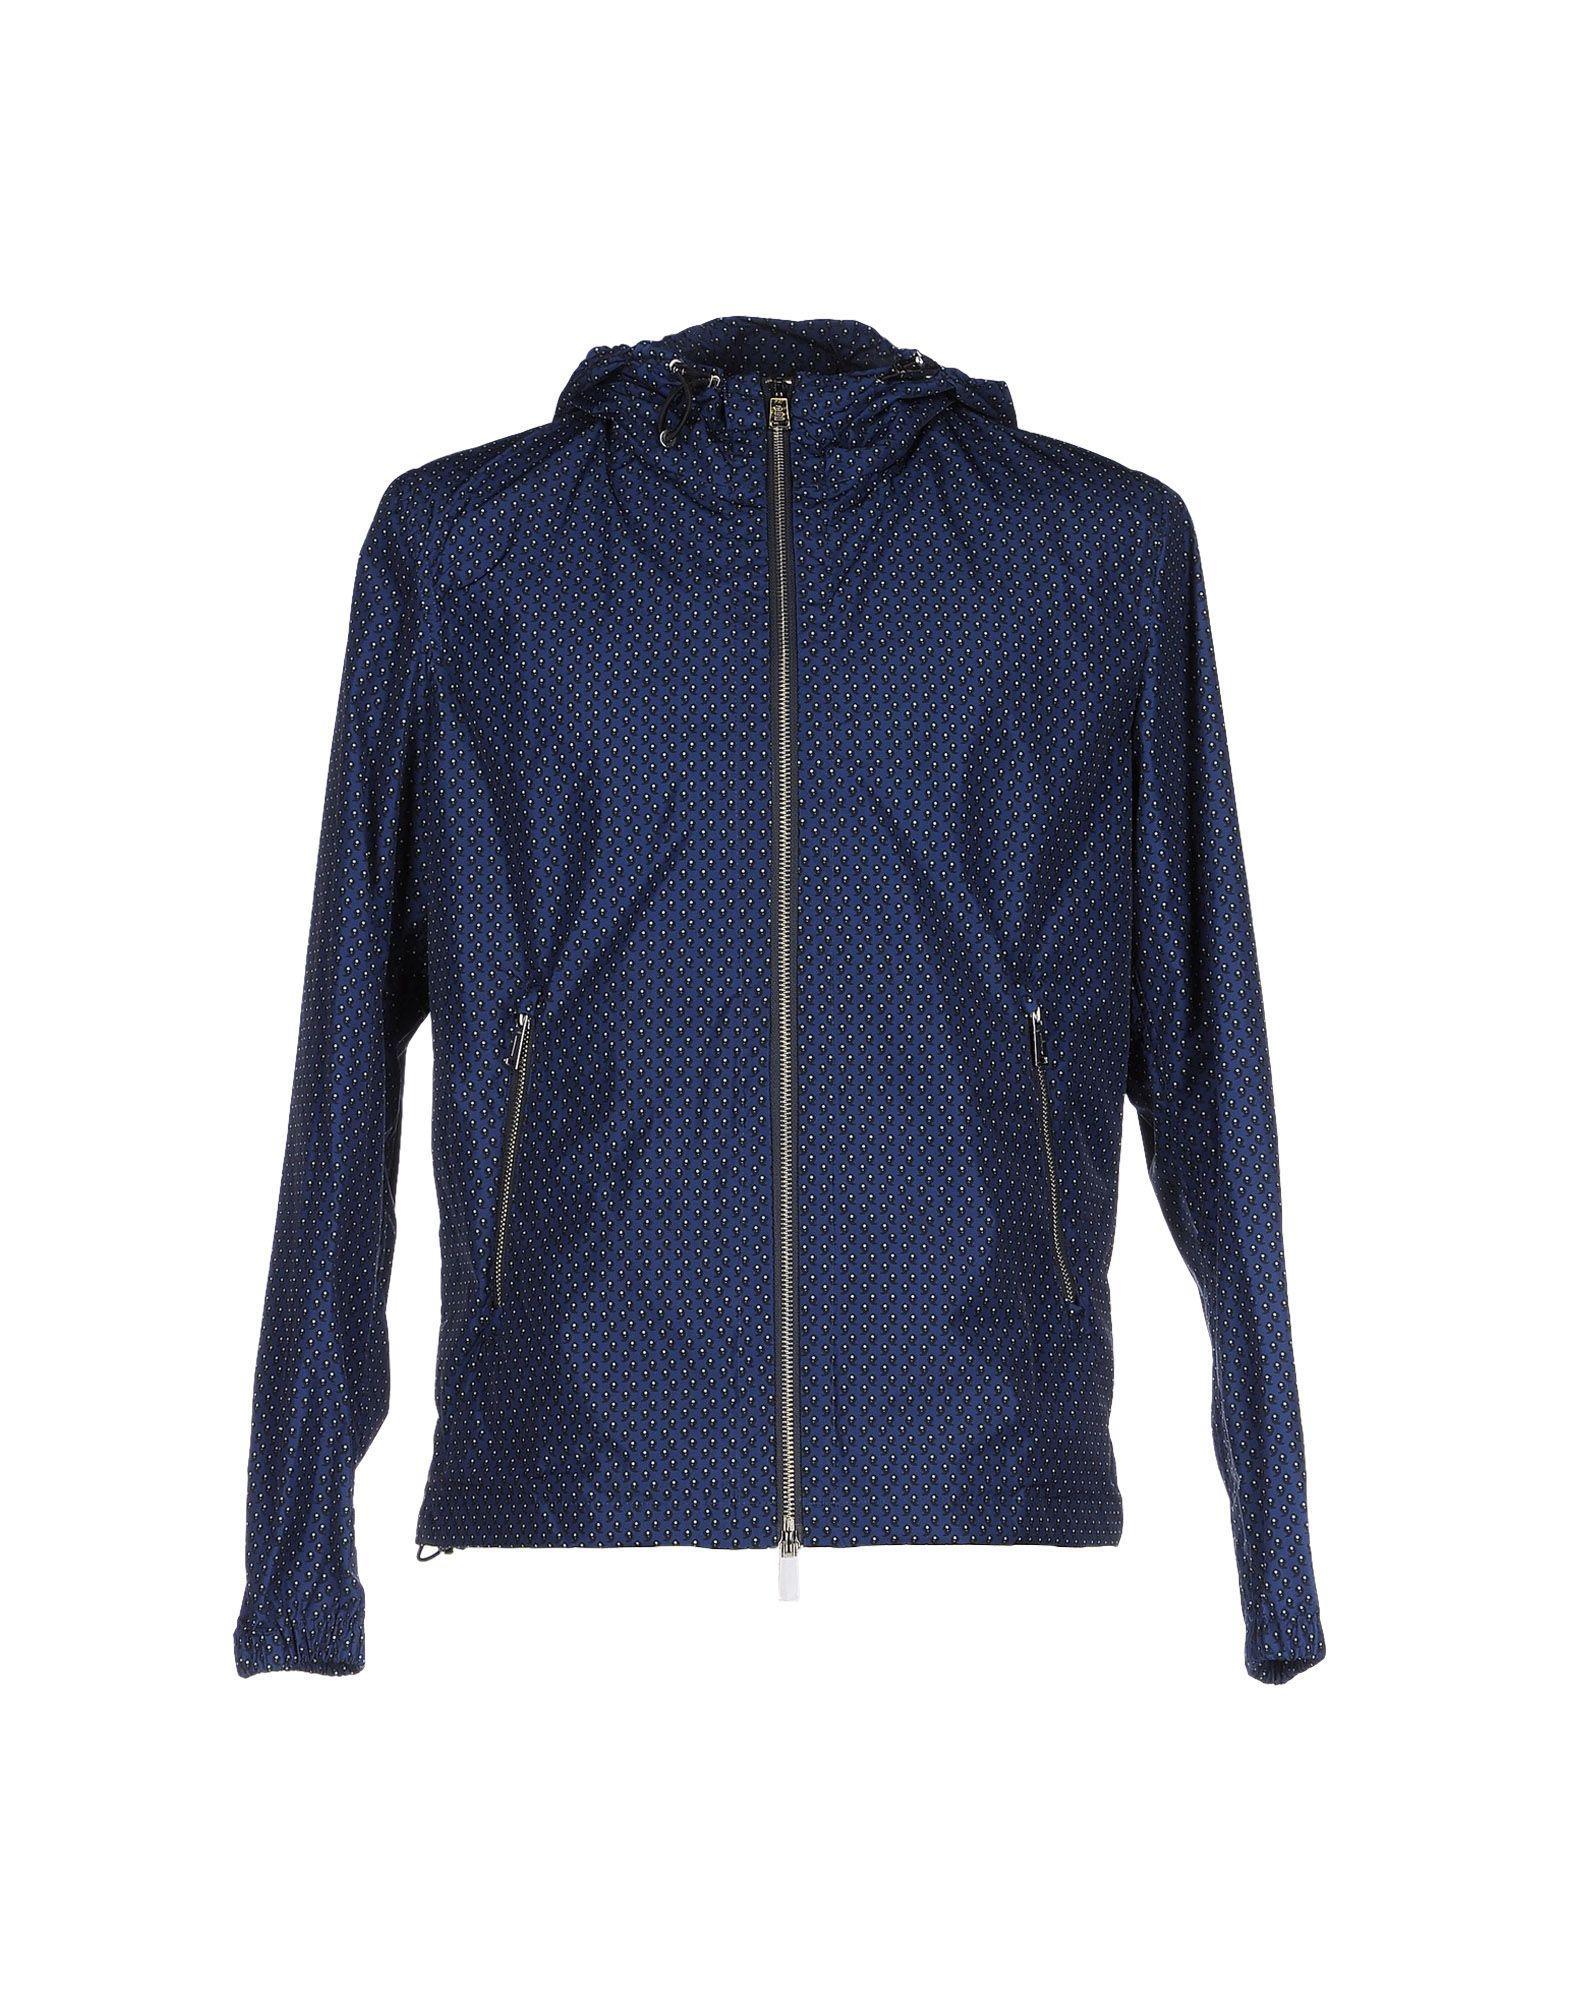 Add Jacket In Dark Blue